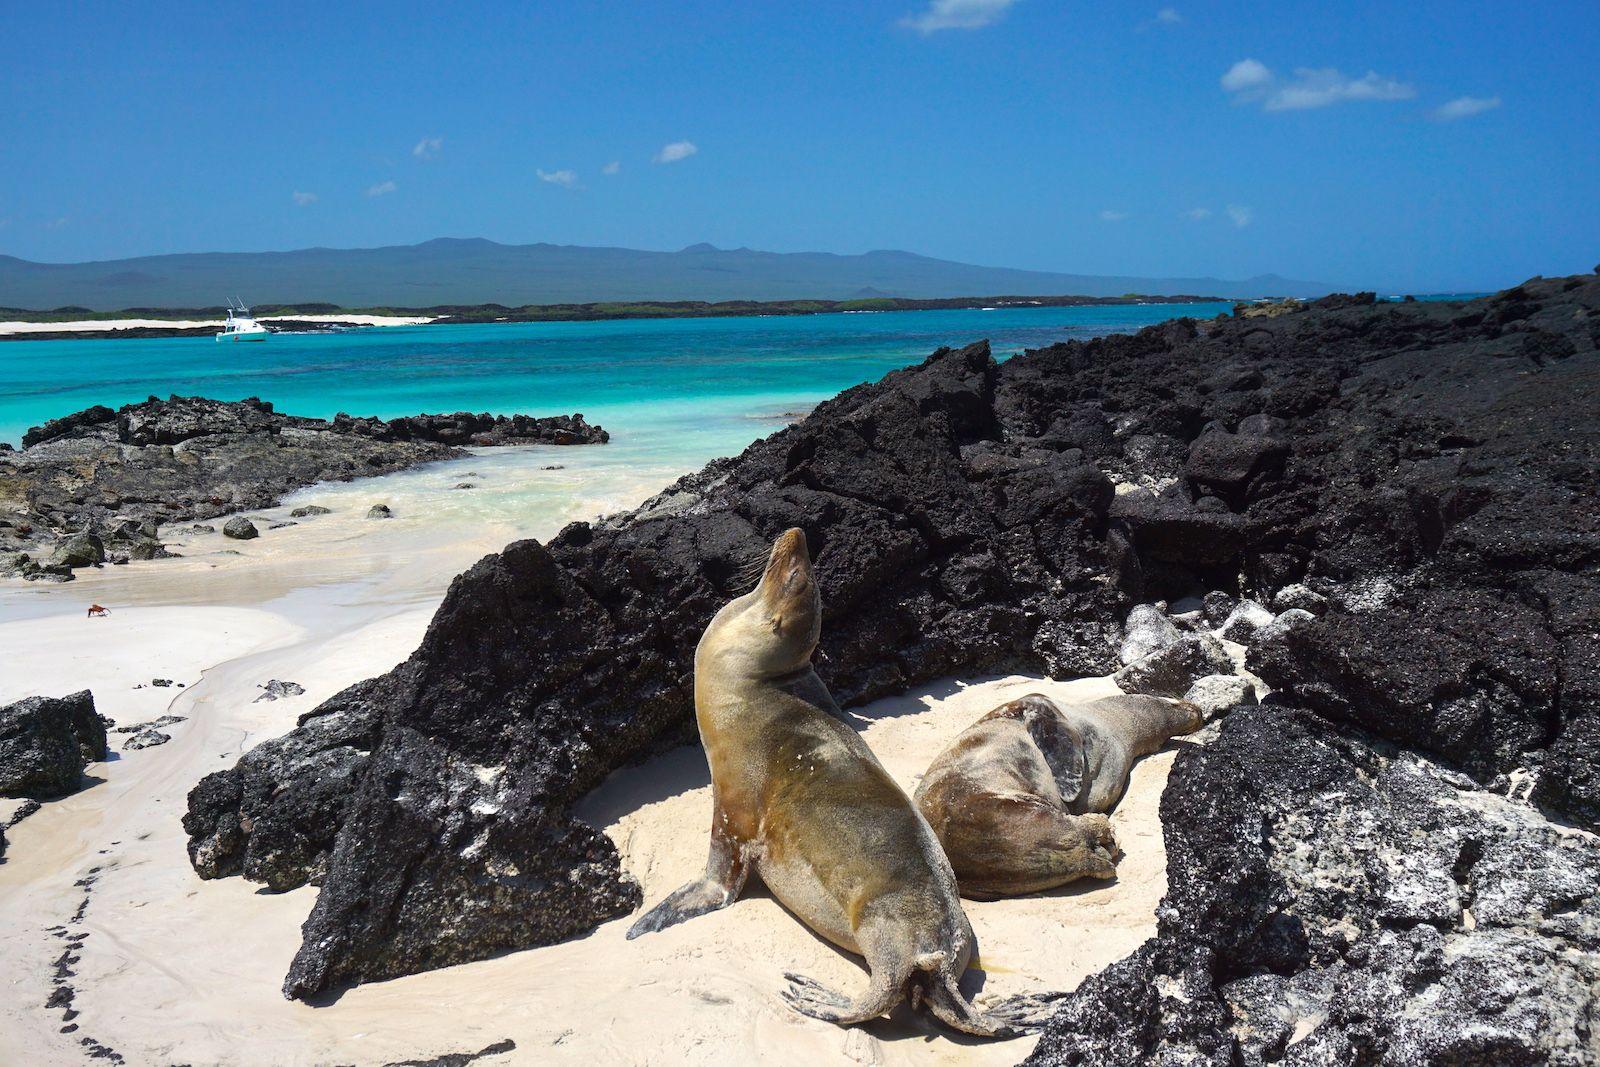 Viajar a las Islas Galápagos por tu cuenta: los mejores tours, playas y lugares de interés de las islas encantadas